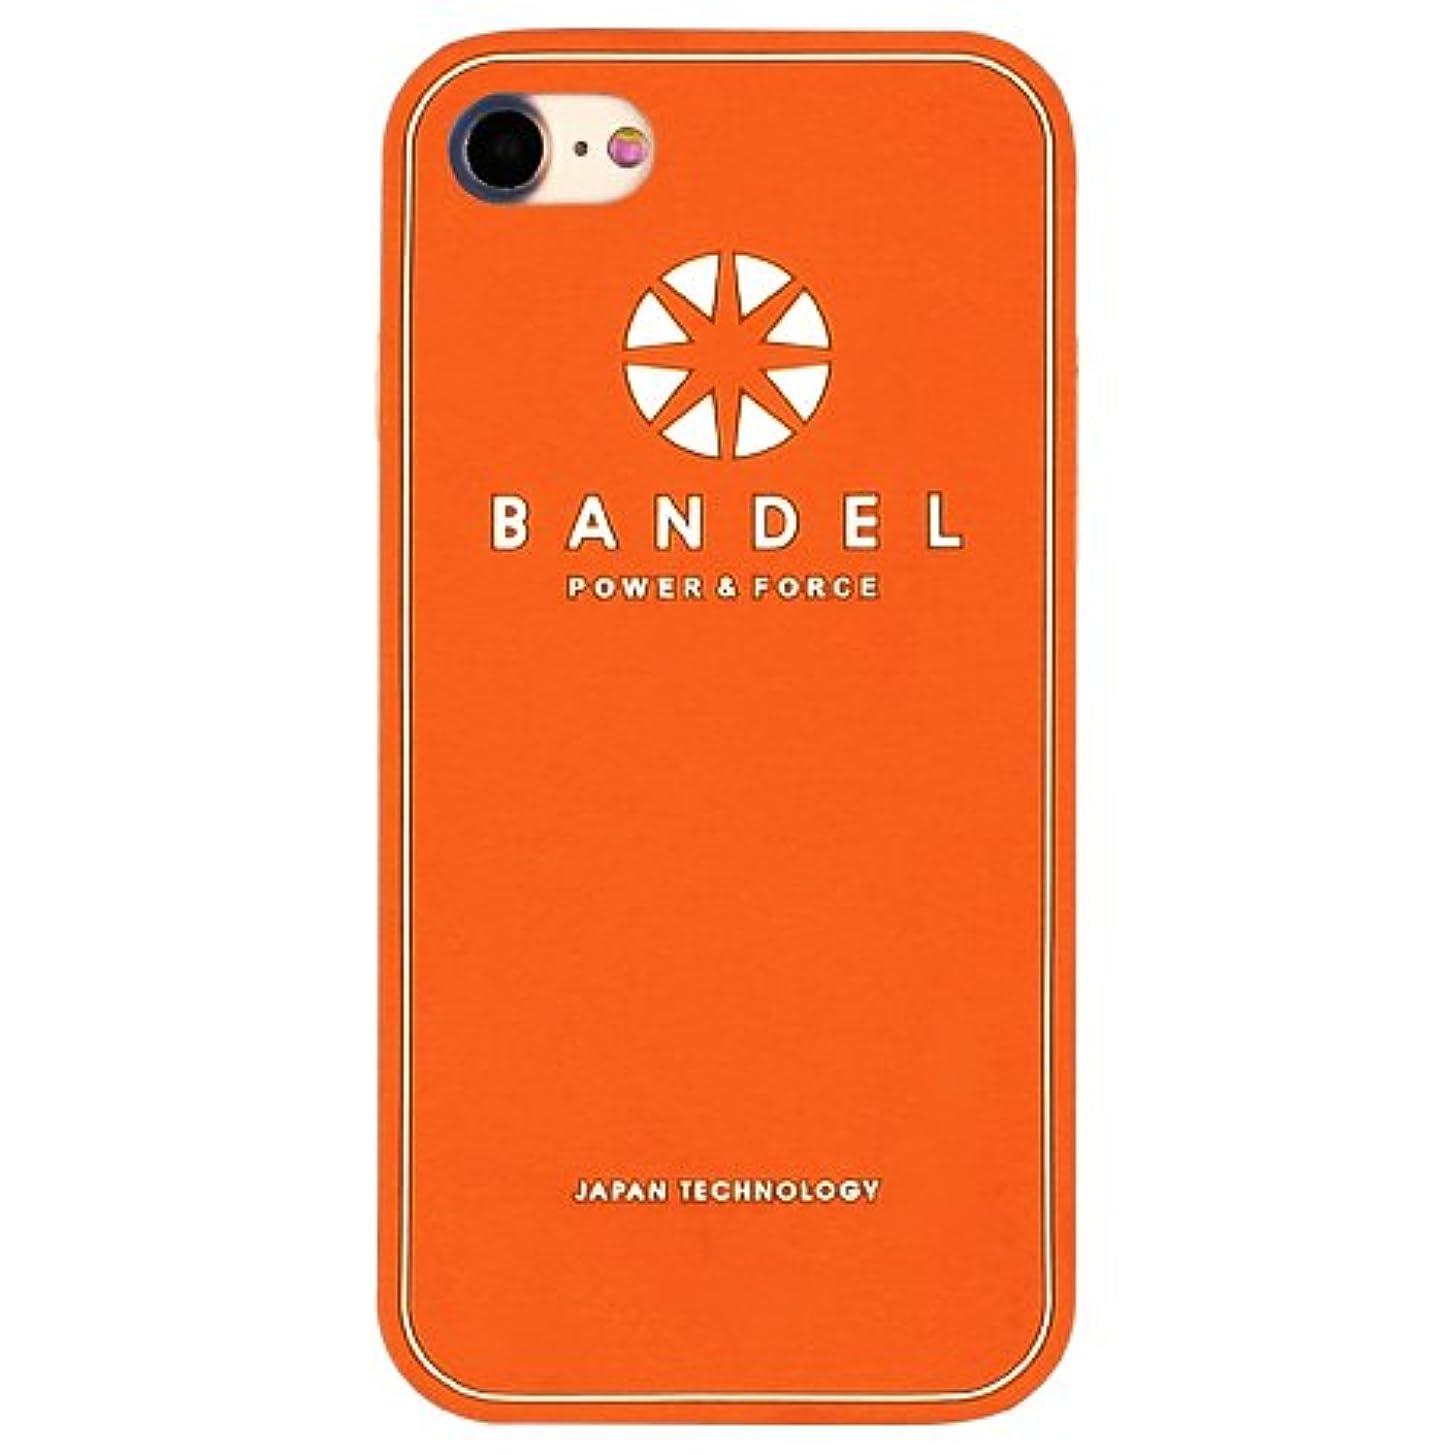 さらに測定可能永久にバンデル(BANDEL) ロゴ iPhone 8専用 シリコンケース [オレンジ×ホワイト]